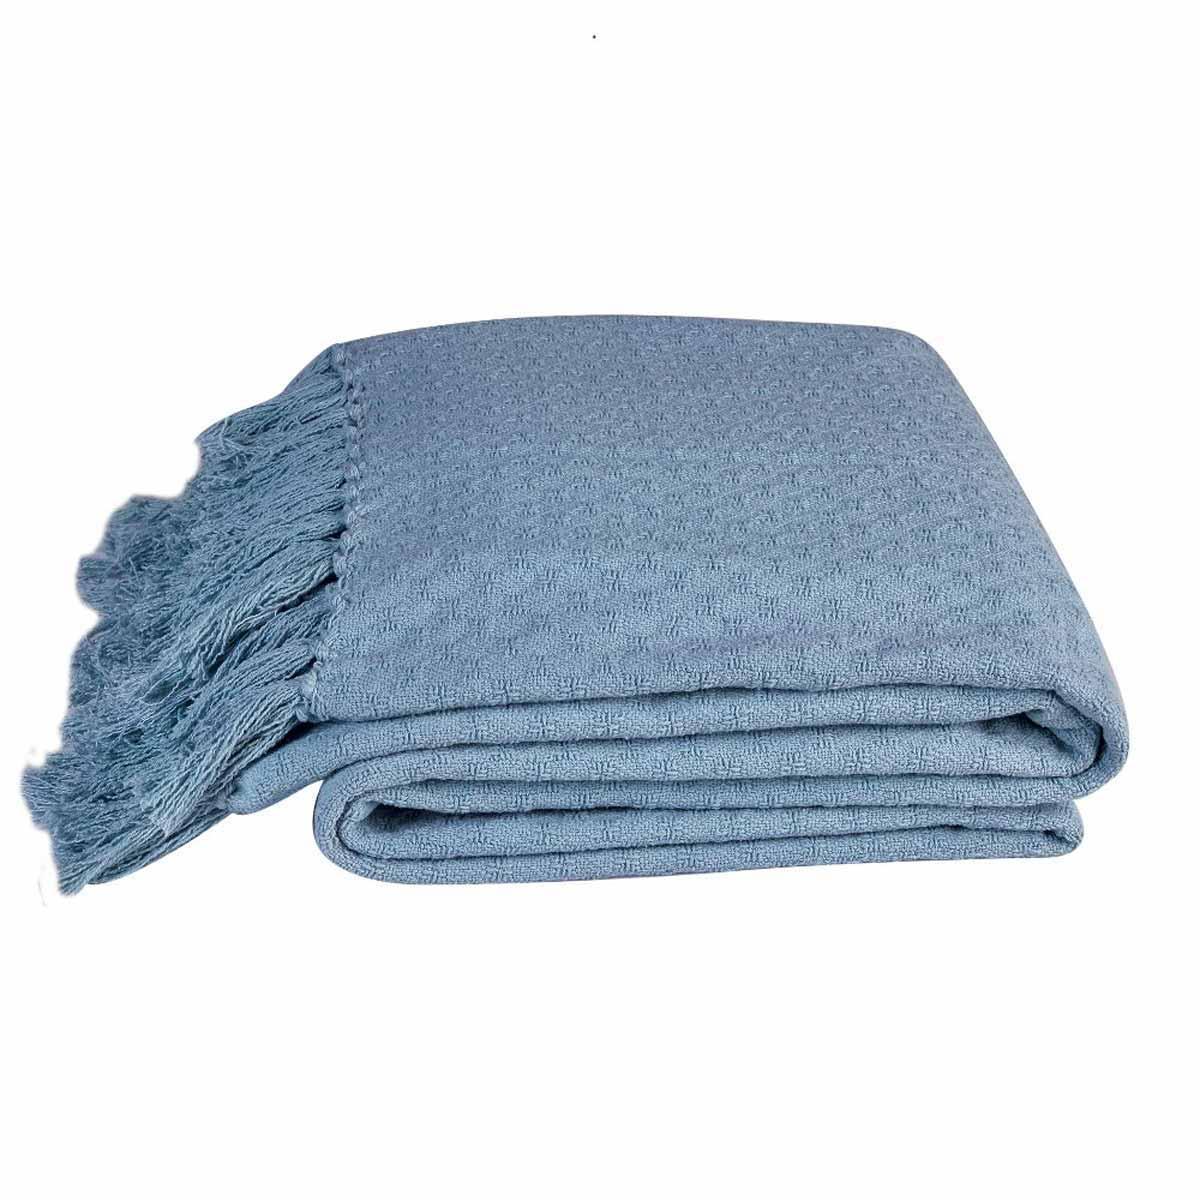 Κουβέρτα Πλεκτή Ημίδιπλη 2 Όψεων Kentia Loft Priya 19